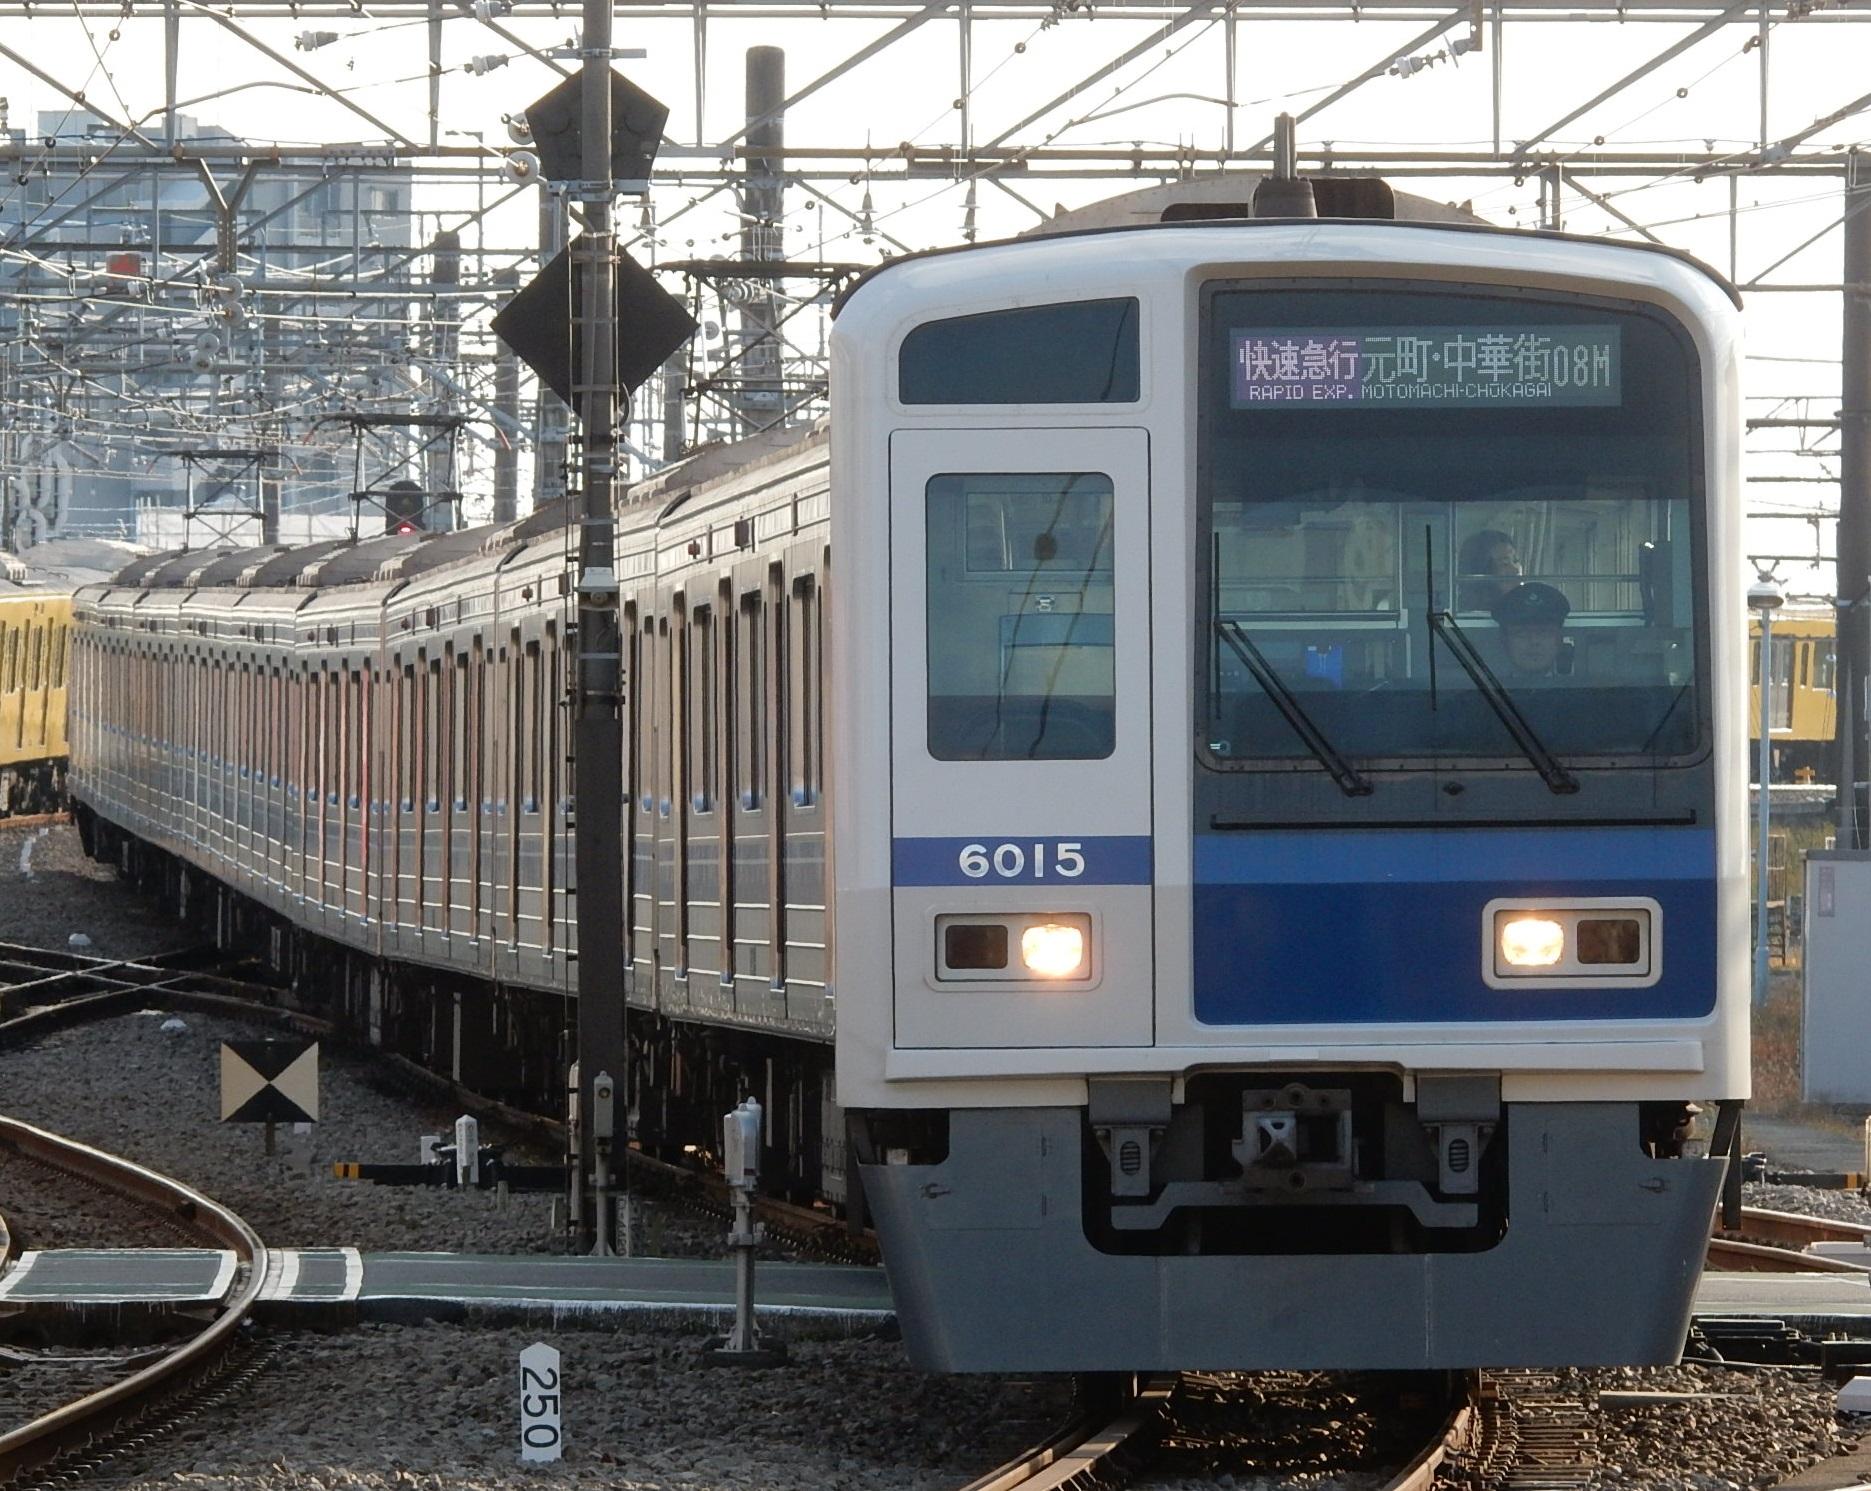 DSCN9204.jpg